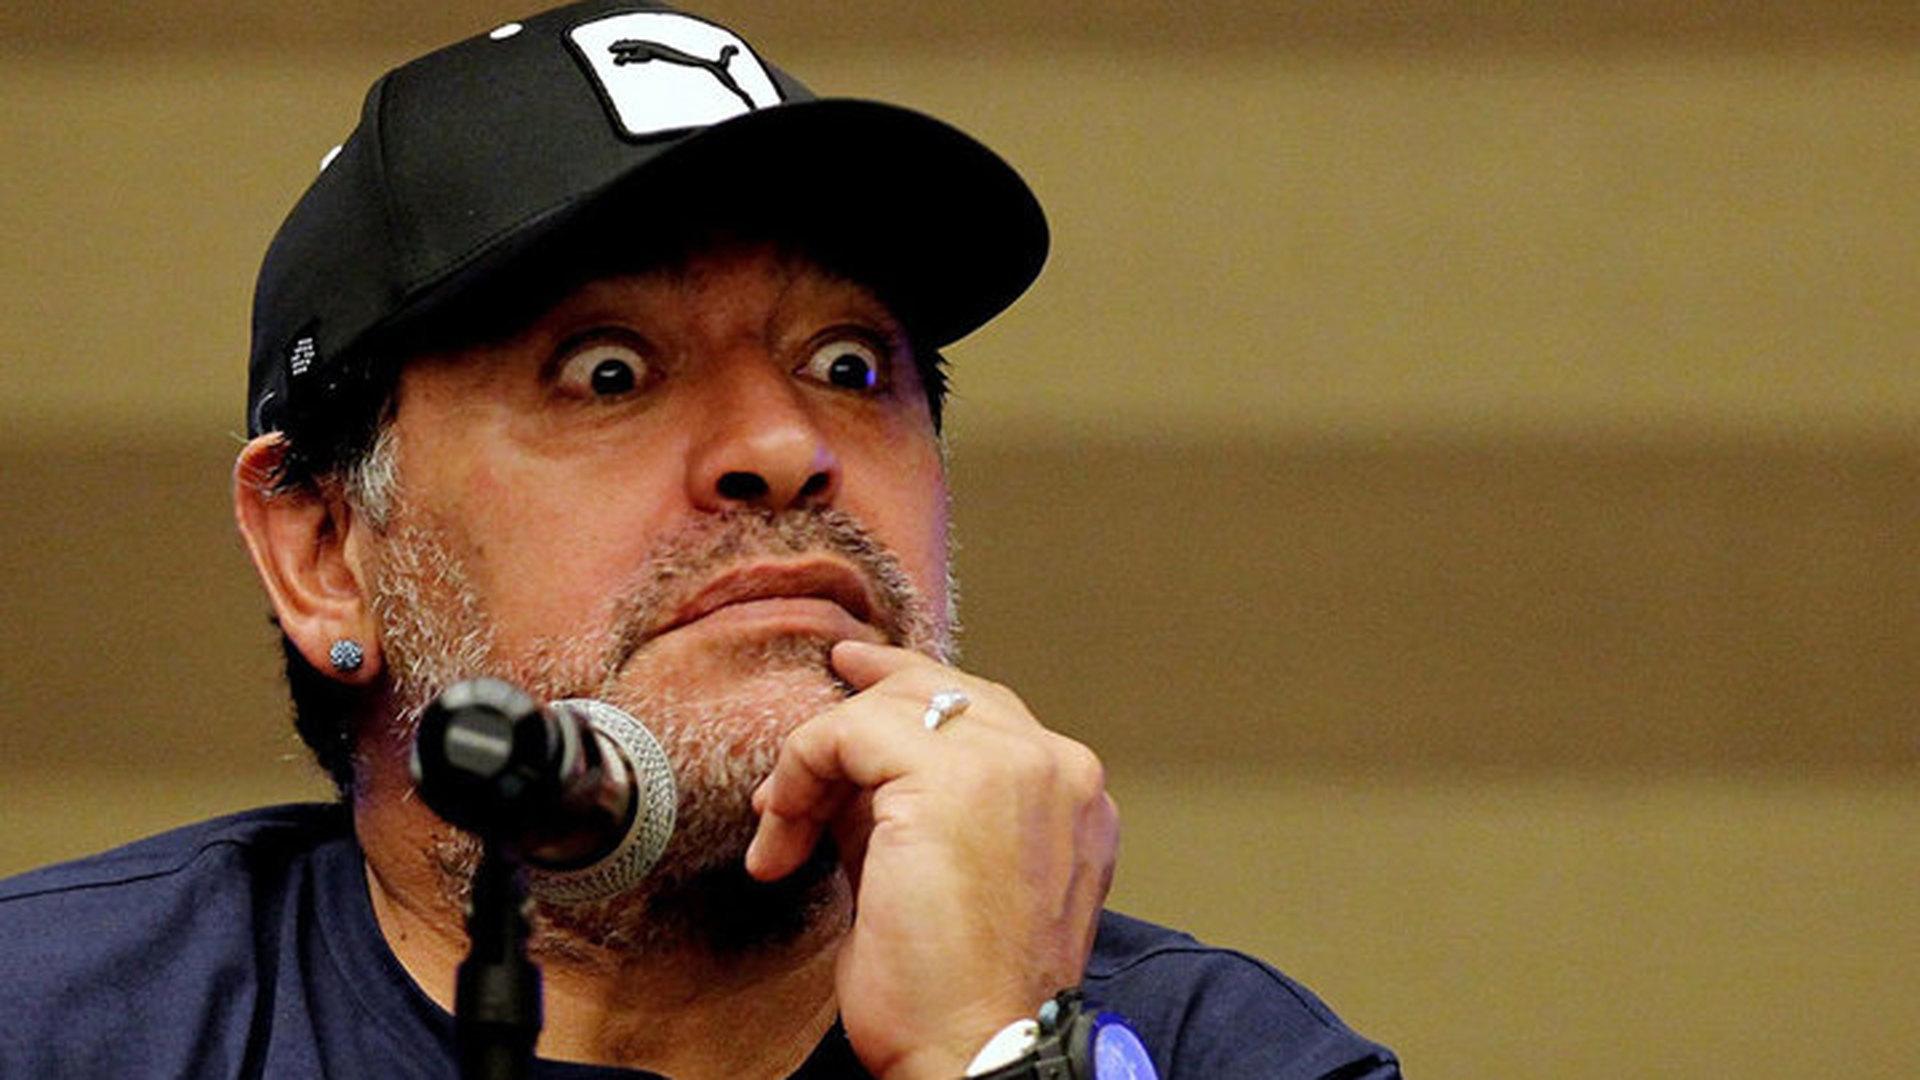 Диего Марадона посоветовал тренеру Аргентины не возвращаться домой